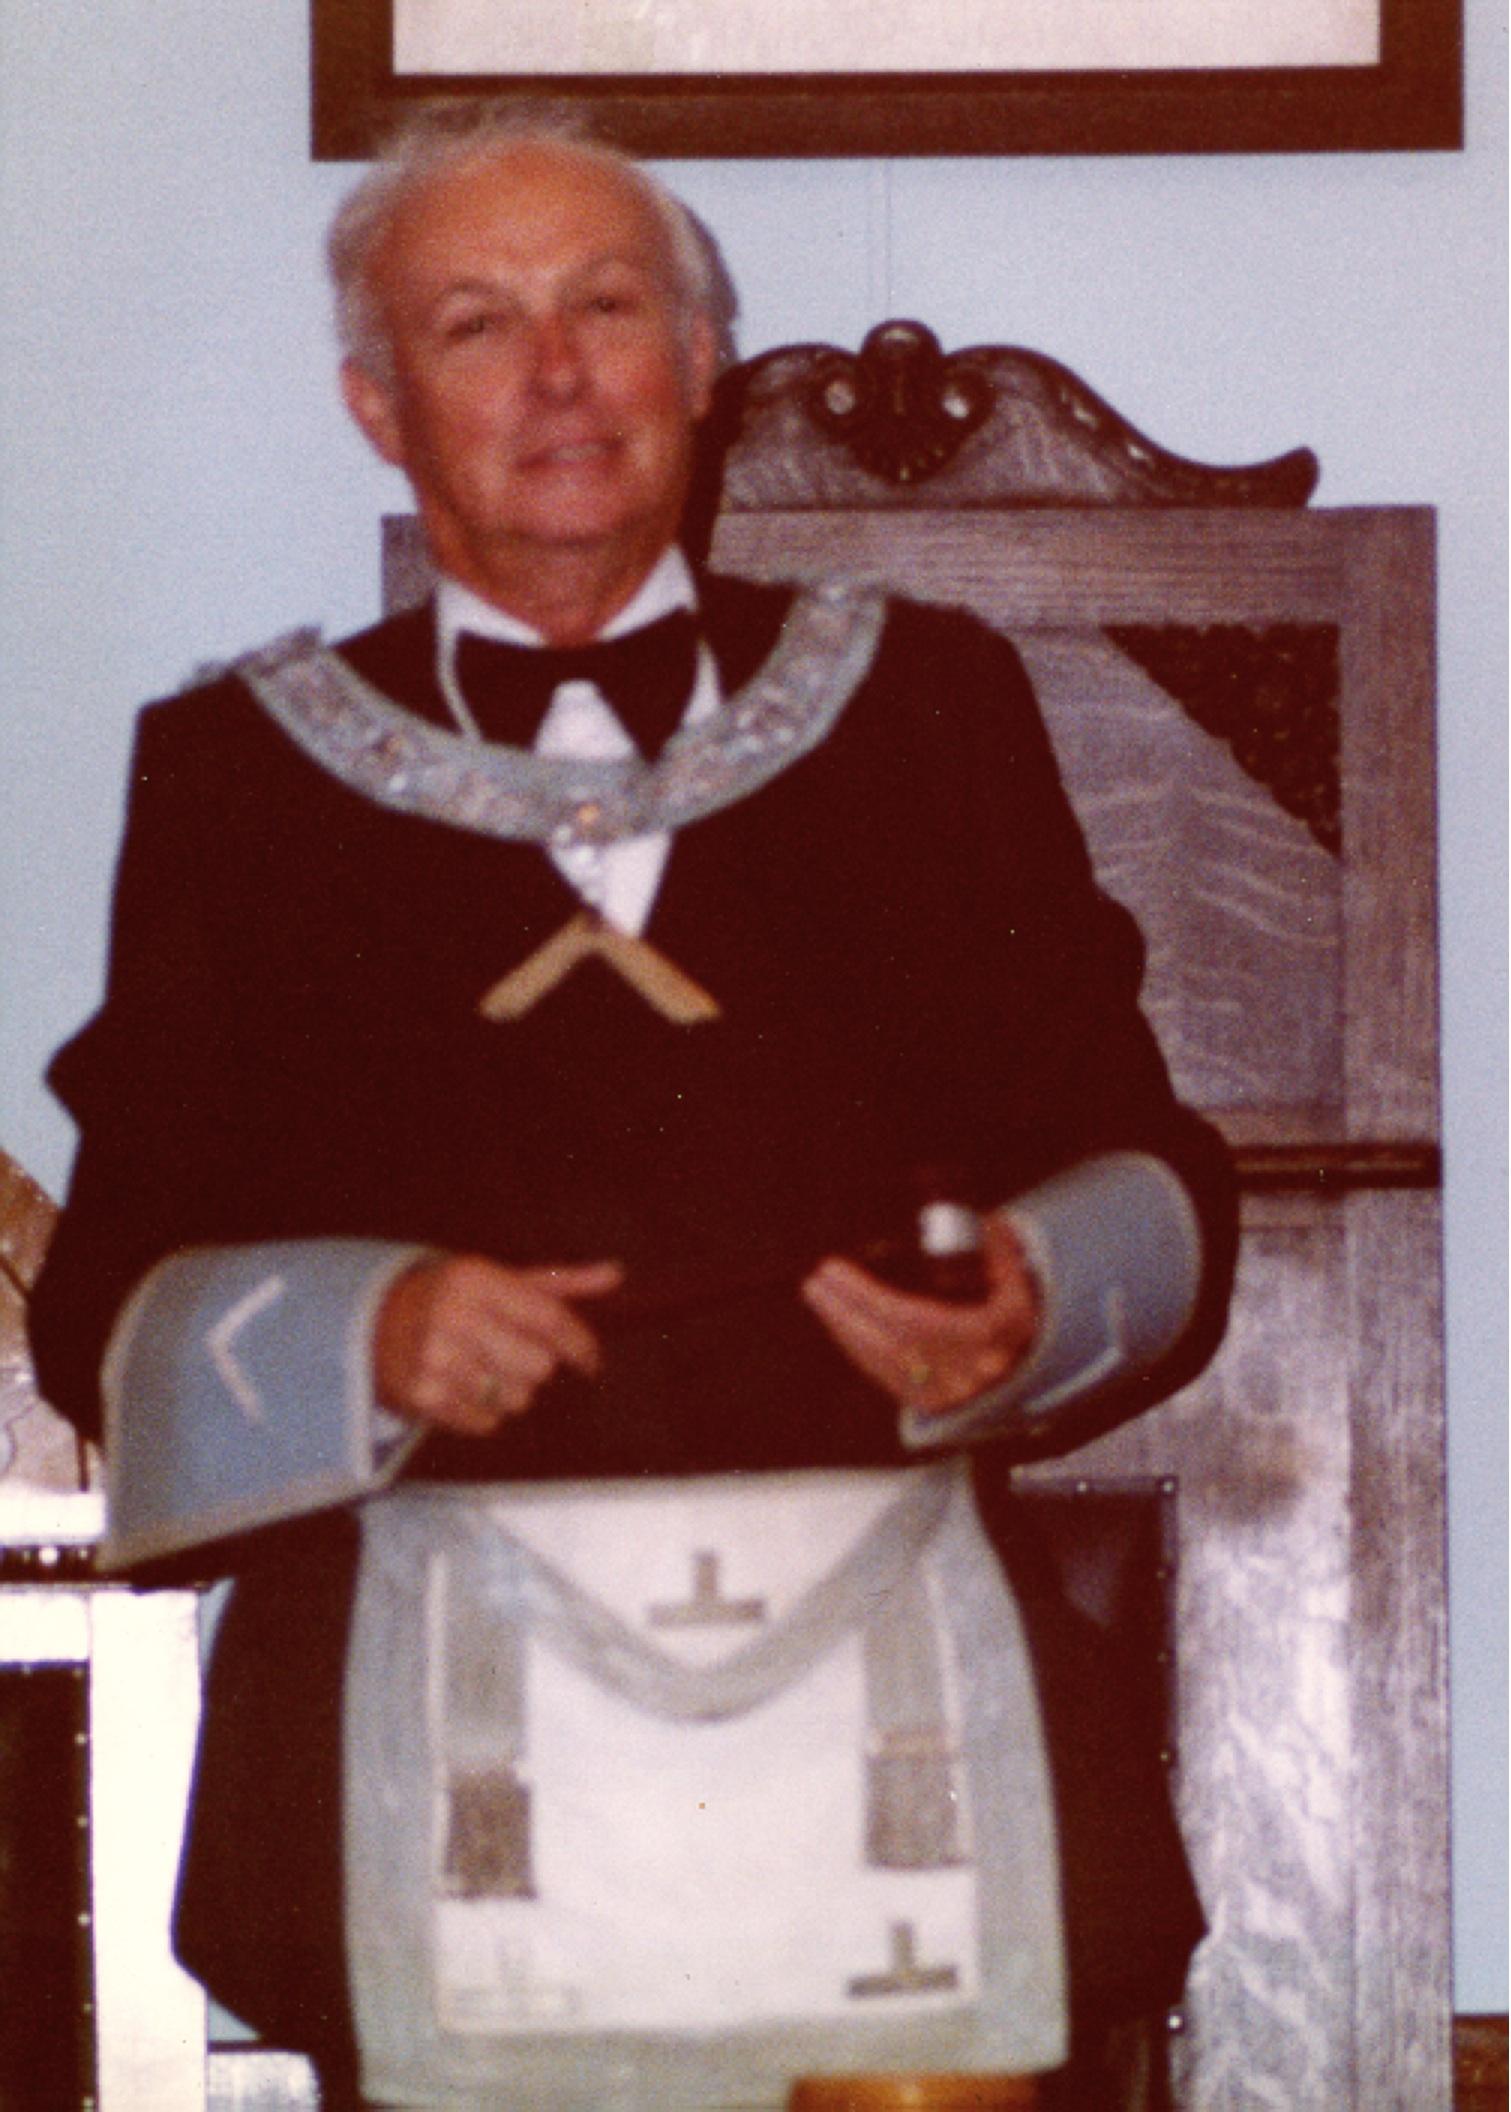 Leonard Earl Arbuthnot  1951 - 52